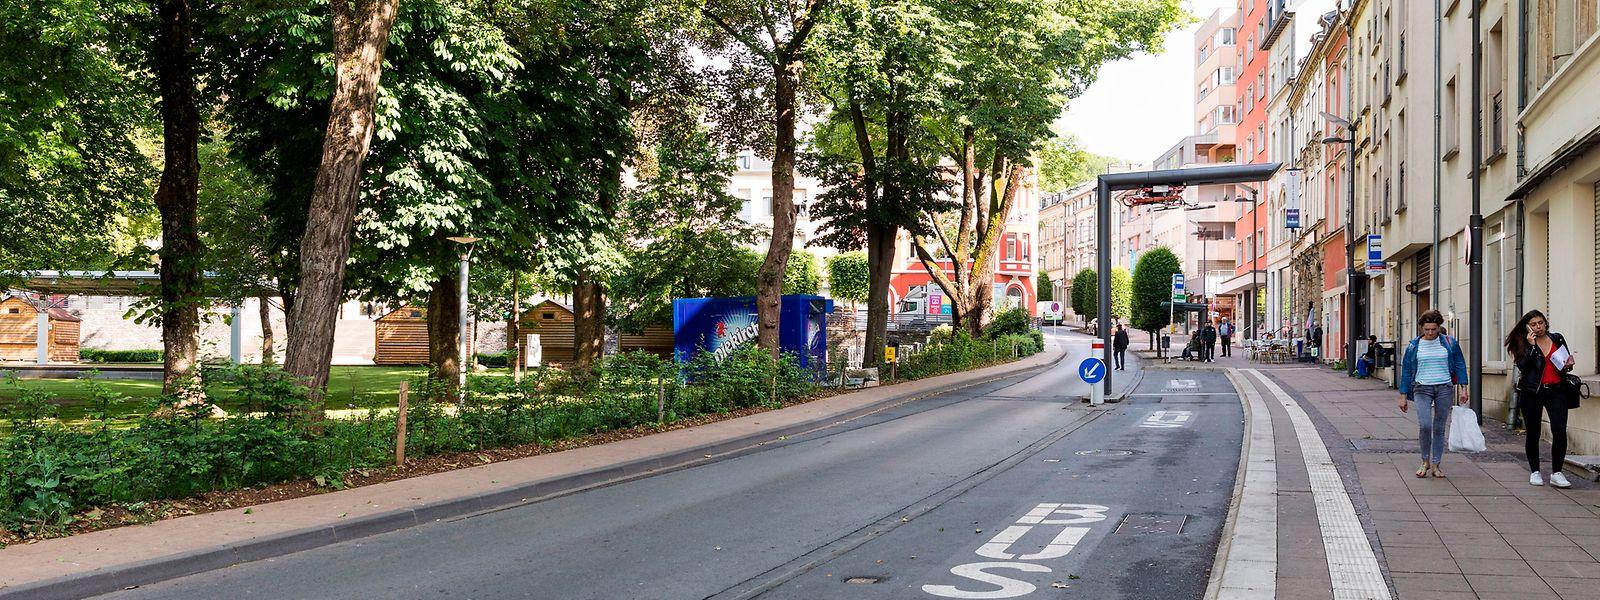 In den kommenden Wochen sollen zwei Kameras in der Rue Michel Rodange, neben dem Park Gerlache, installiert werden.